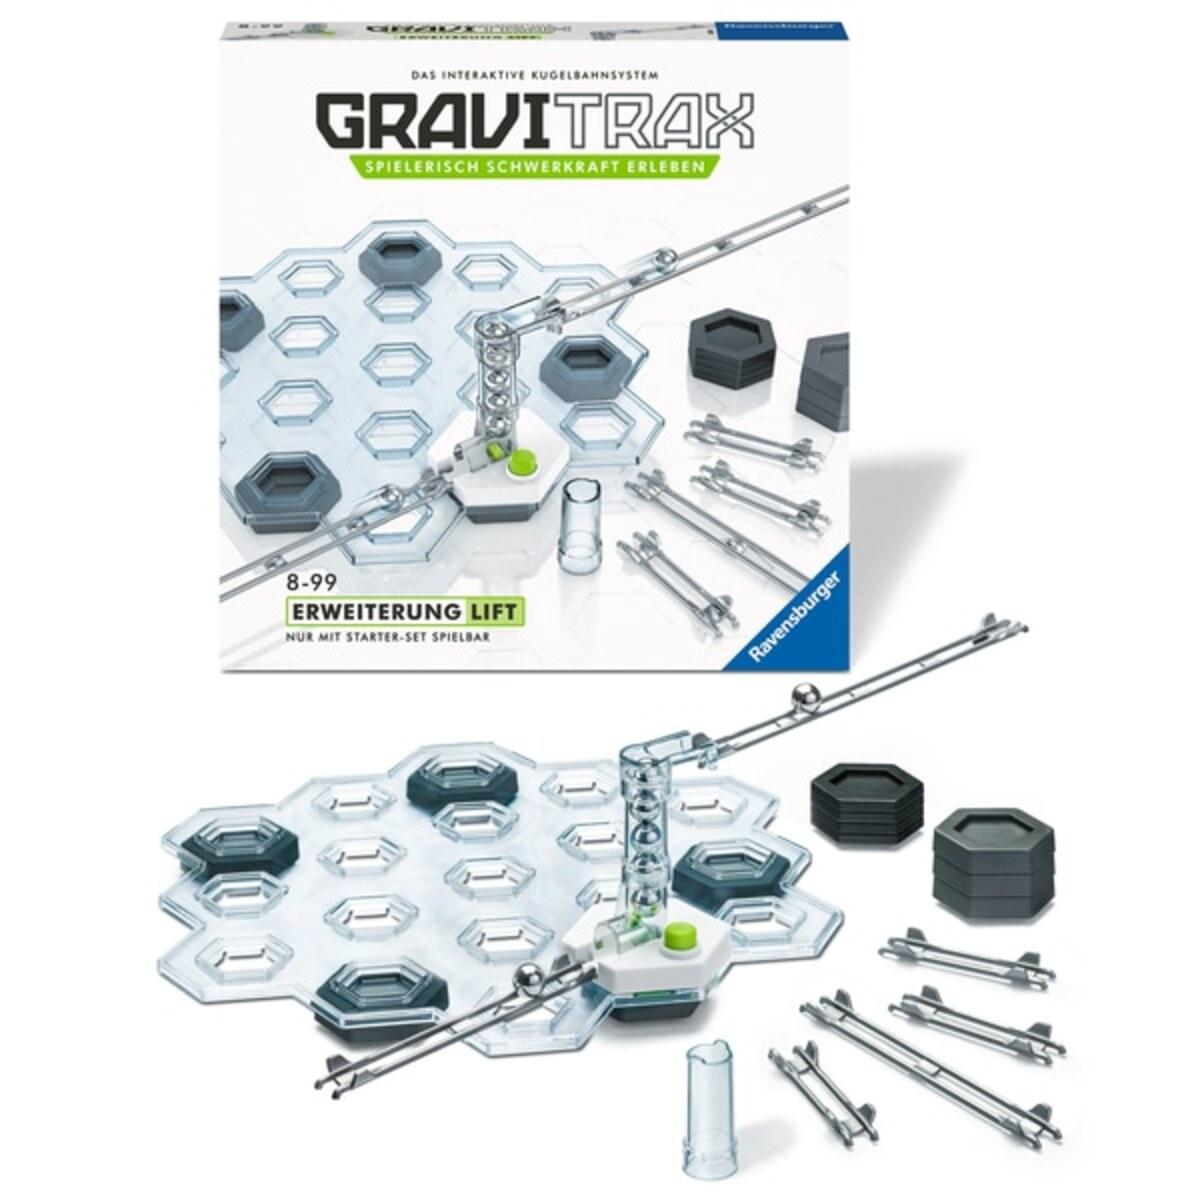 Bild 2 von Ravensburger - GraviTrax: Erweiterungs-Set Lift